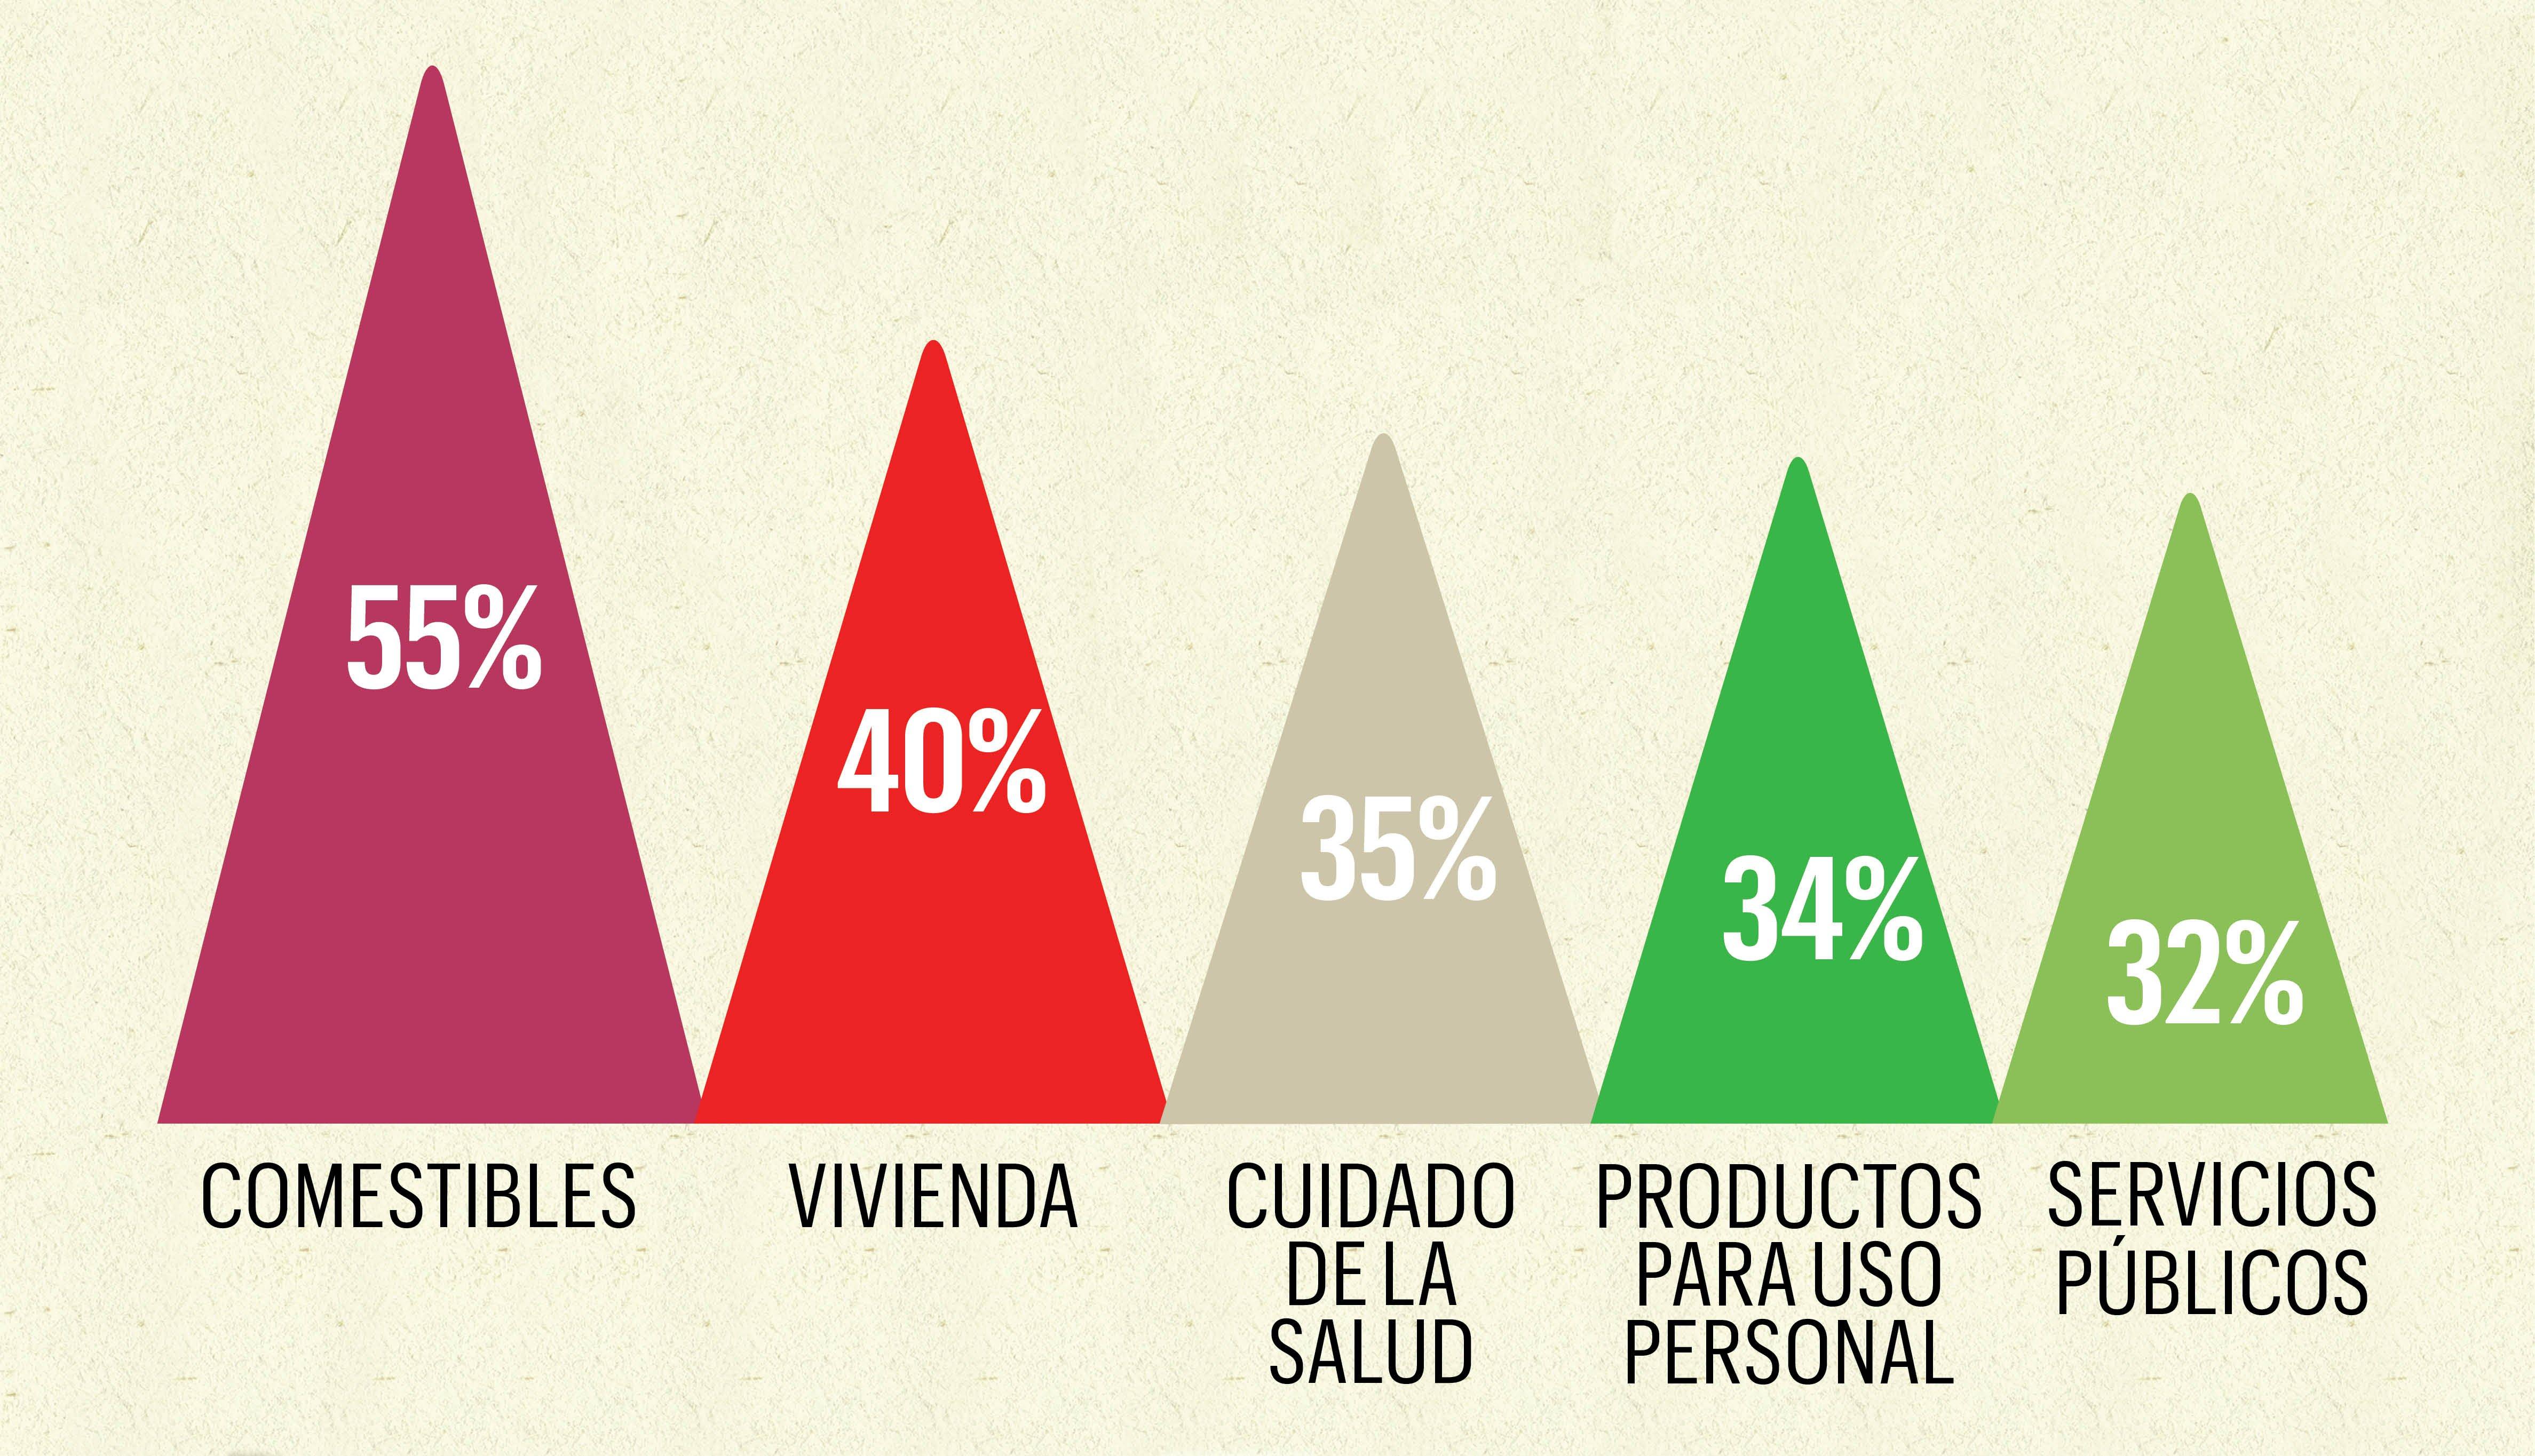 Gráfica estadística que muestra los porcentajes de cómo los padres usan el dinero que les dan sus hijos para cubrir sus necesidades.